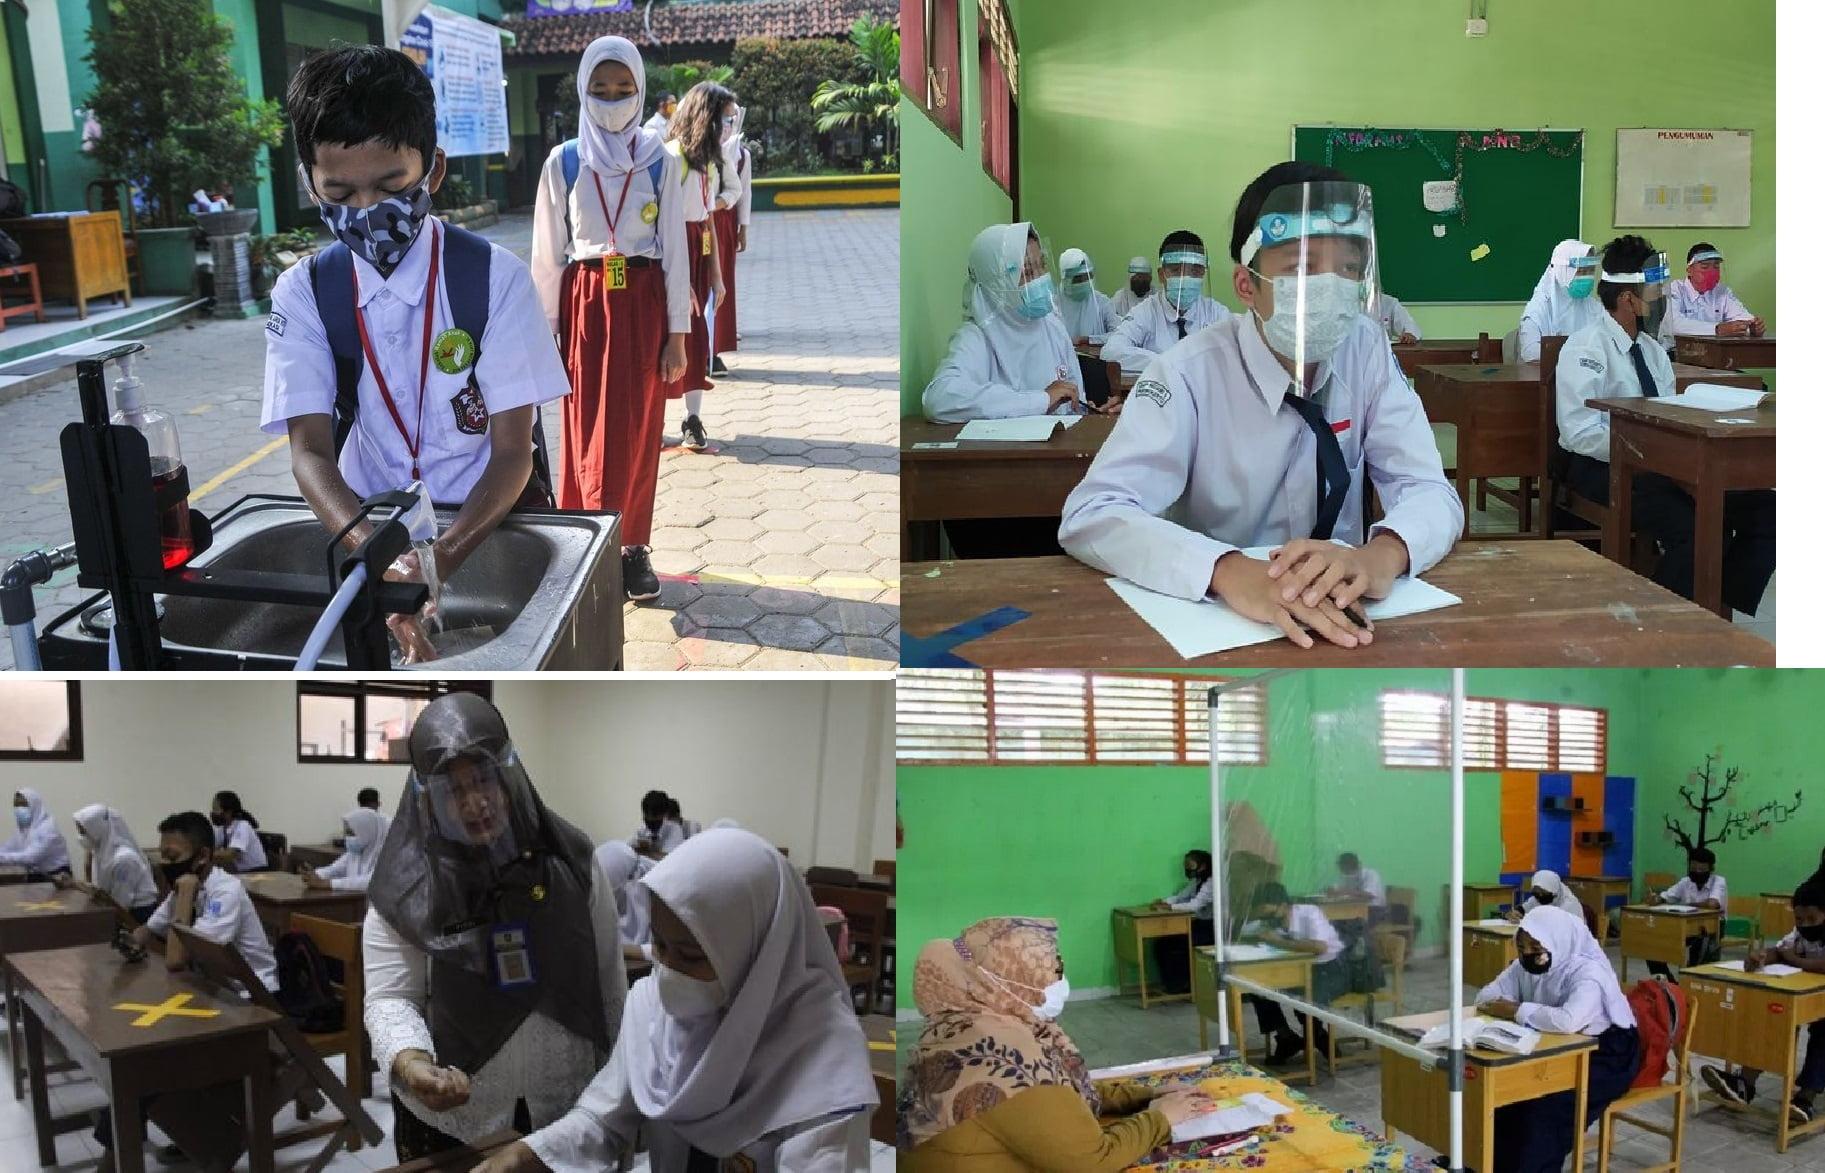 Kesehatan, Keselamatan dan Keamanan Siswa Adalah Prioritas Sekolah Tatap Muka